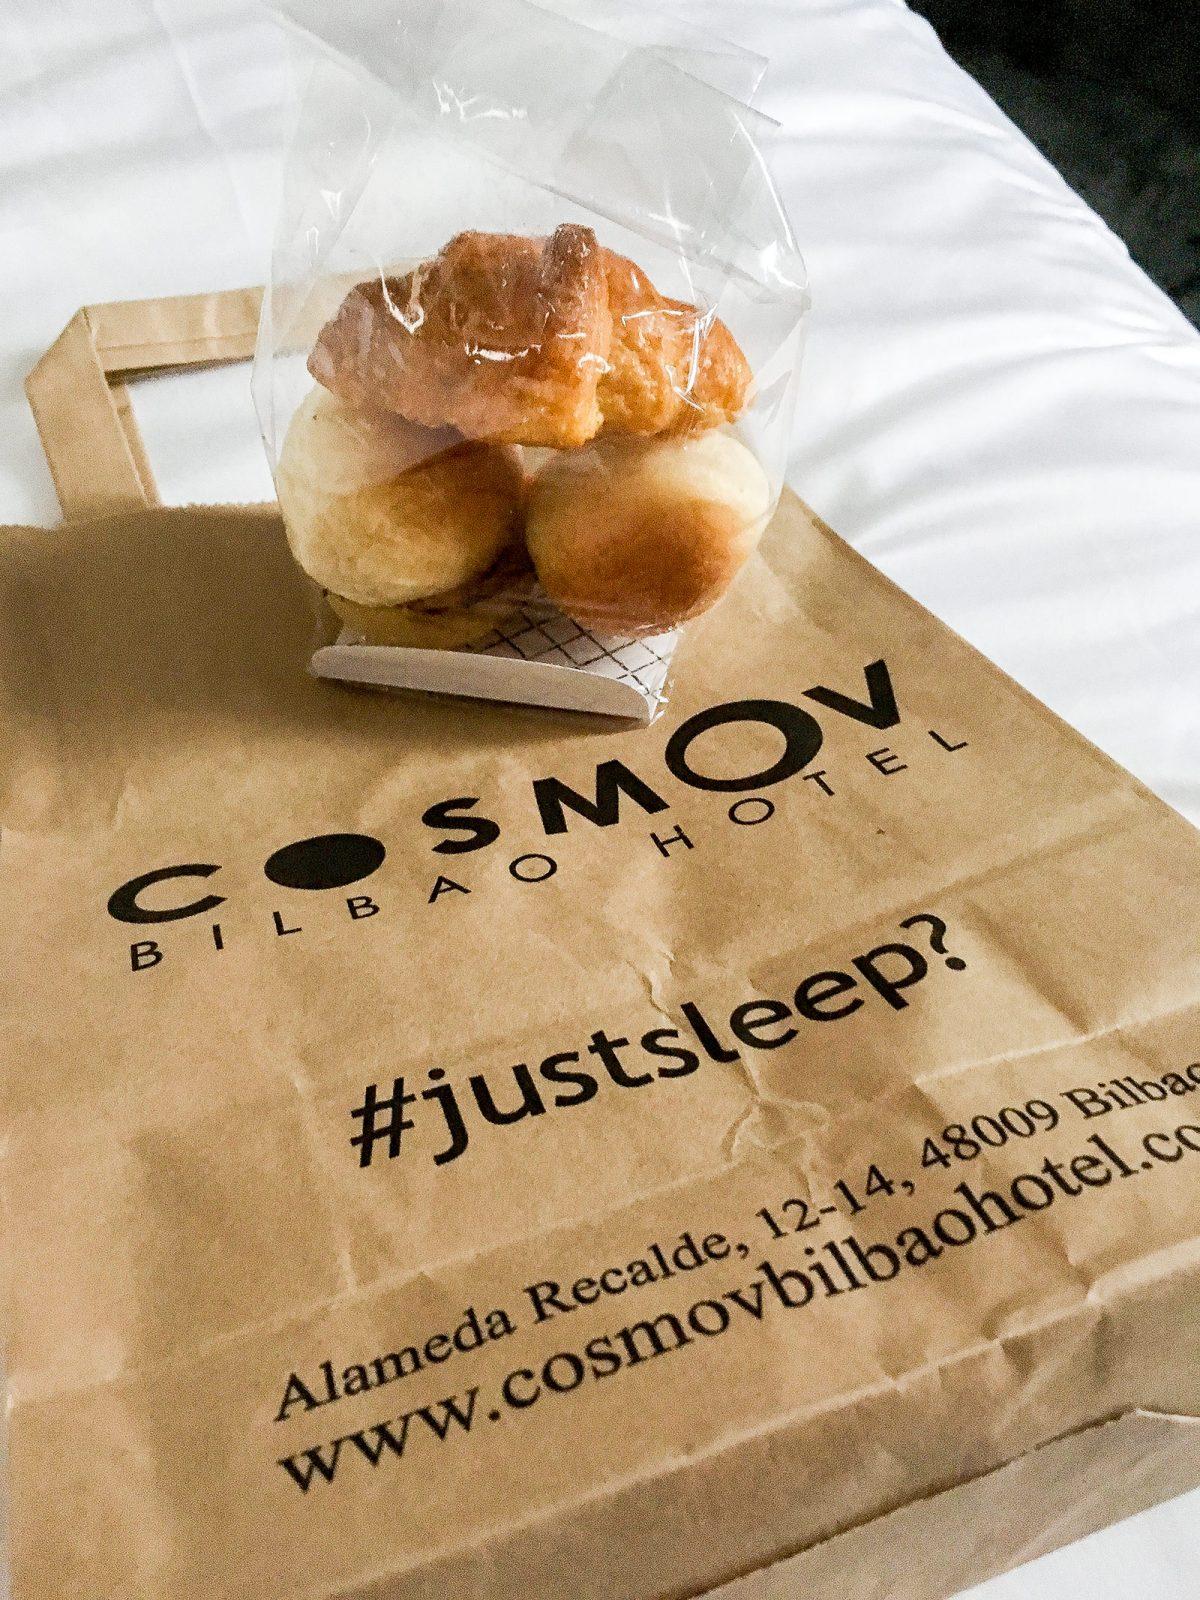 cosmov_hotel_bilbao_06